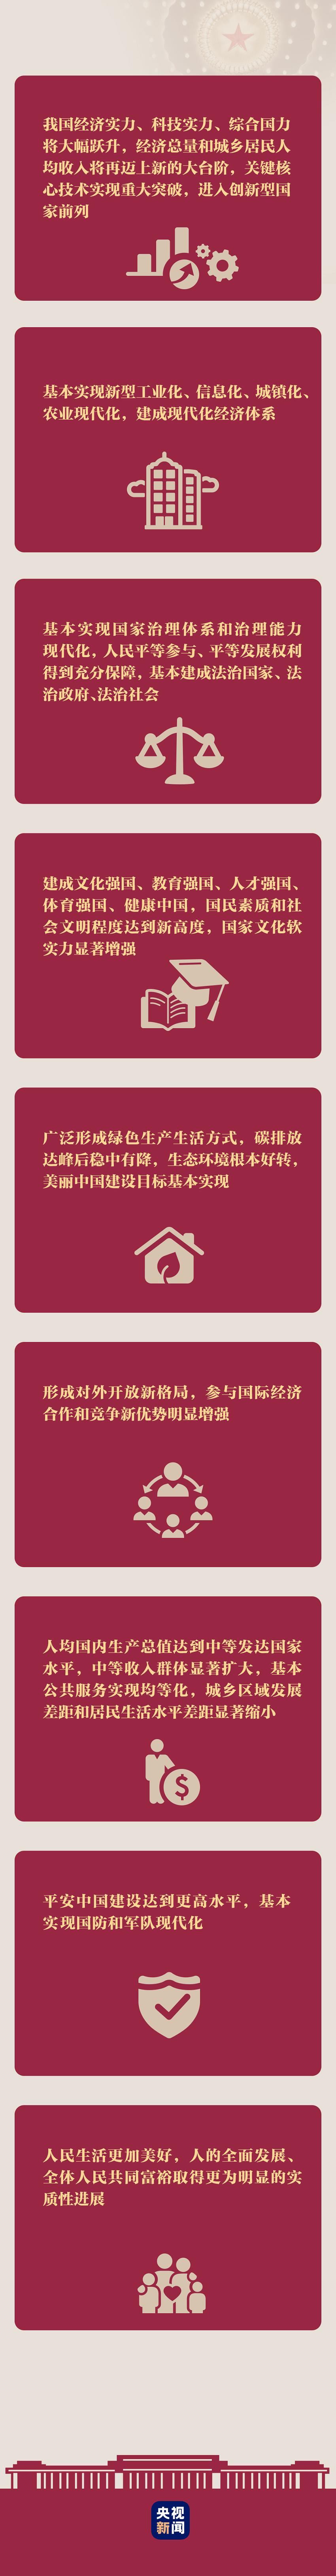 十五年后的中国什么样?一图告诉你